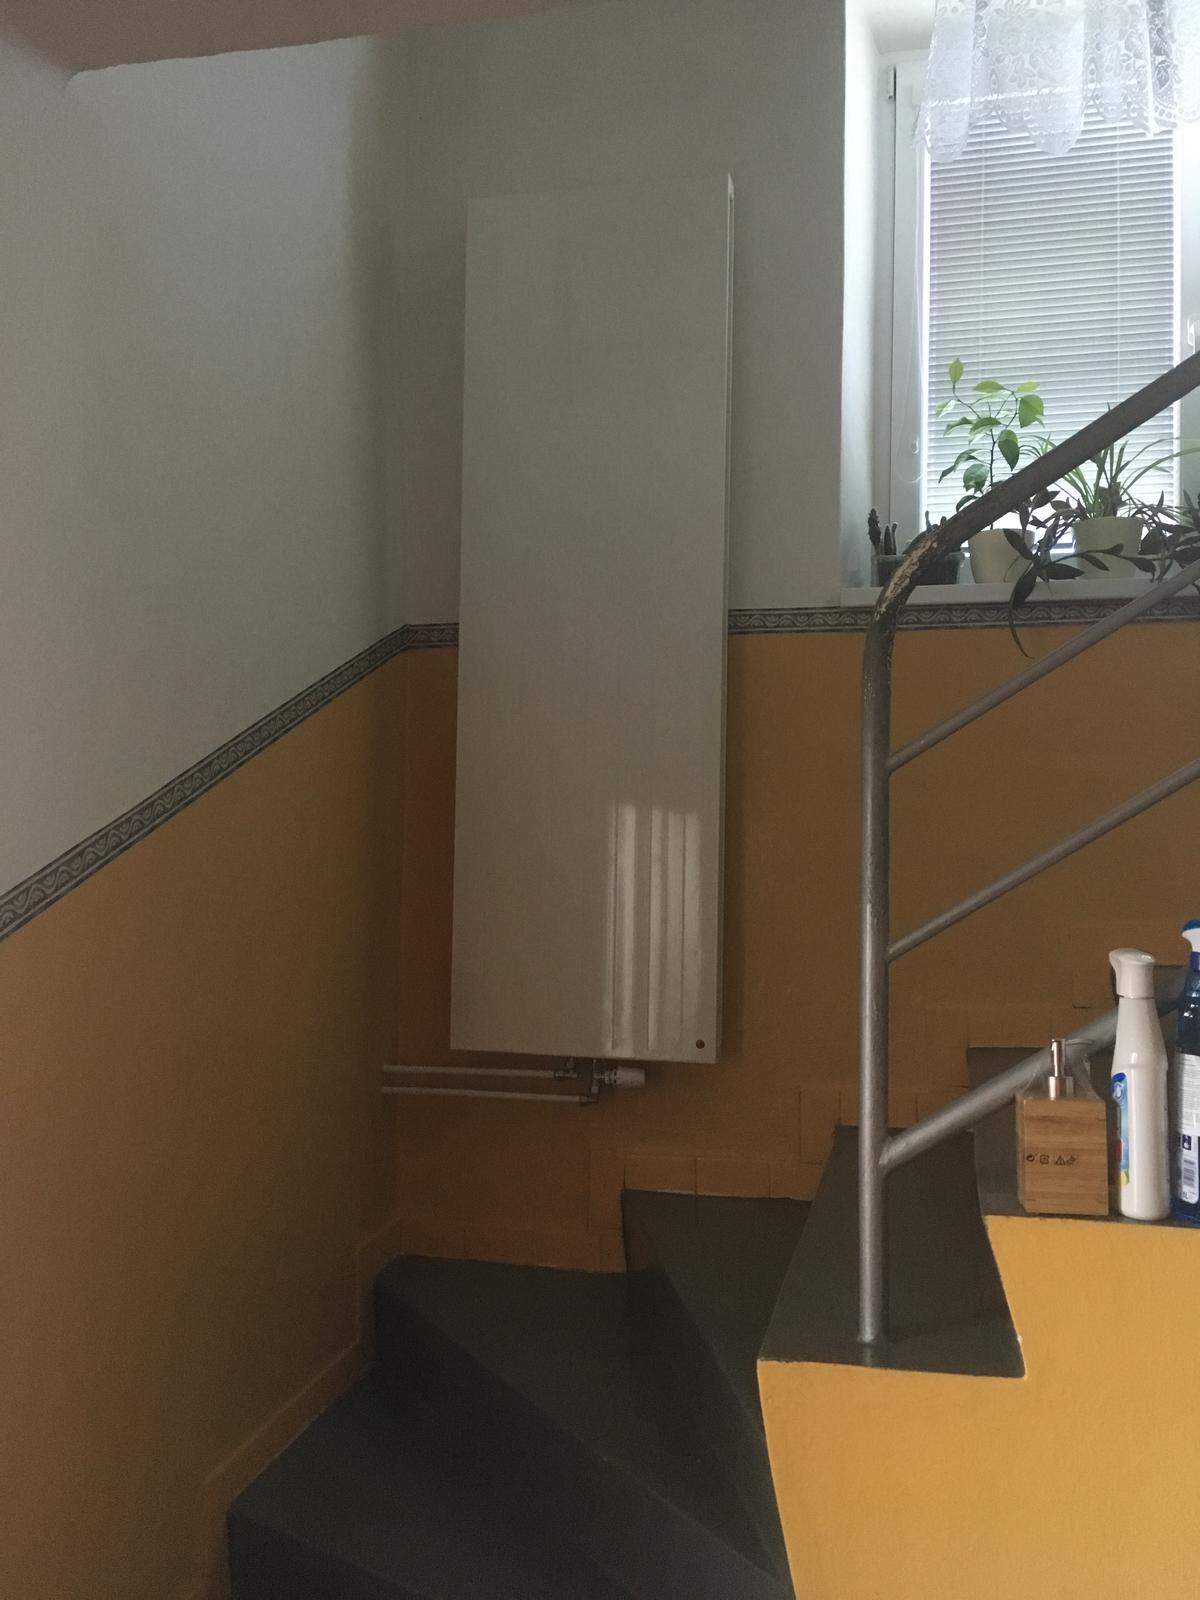 Rekonštrukcia WC - Radiátor na schodisku. WC je za stenou (kedysi dávno obvodovou) vľavo.